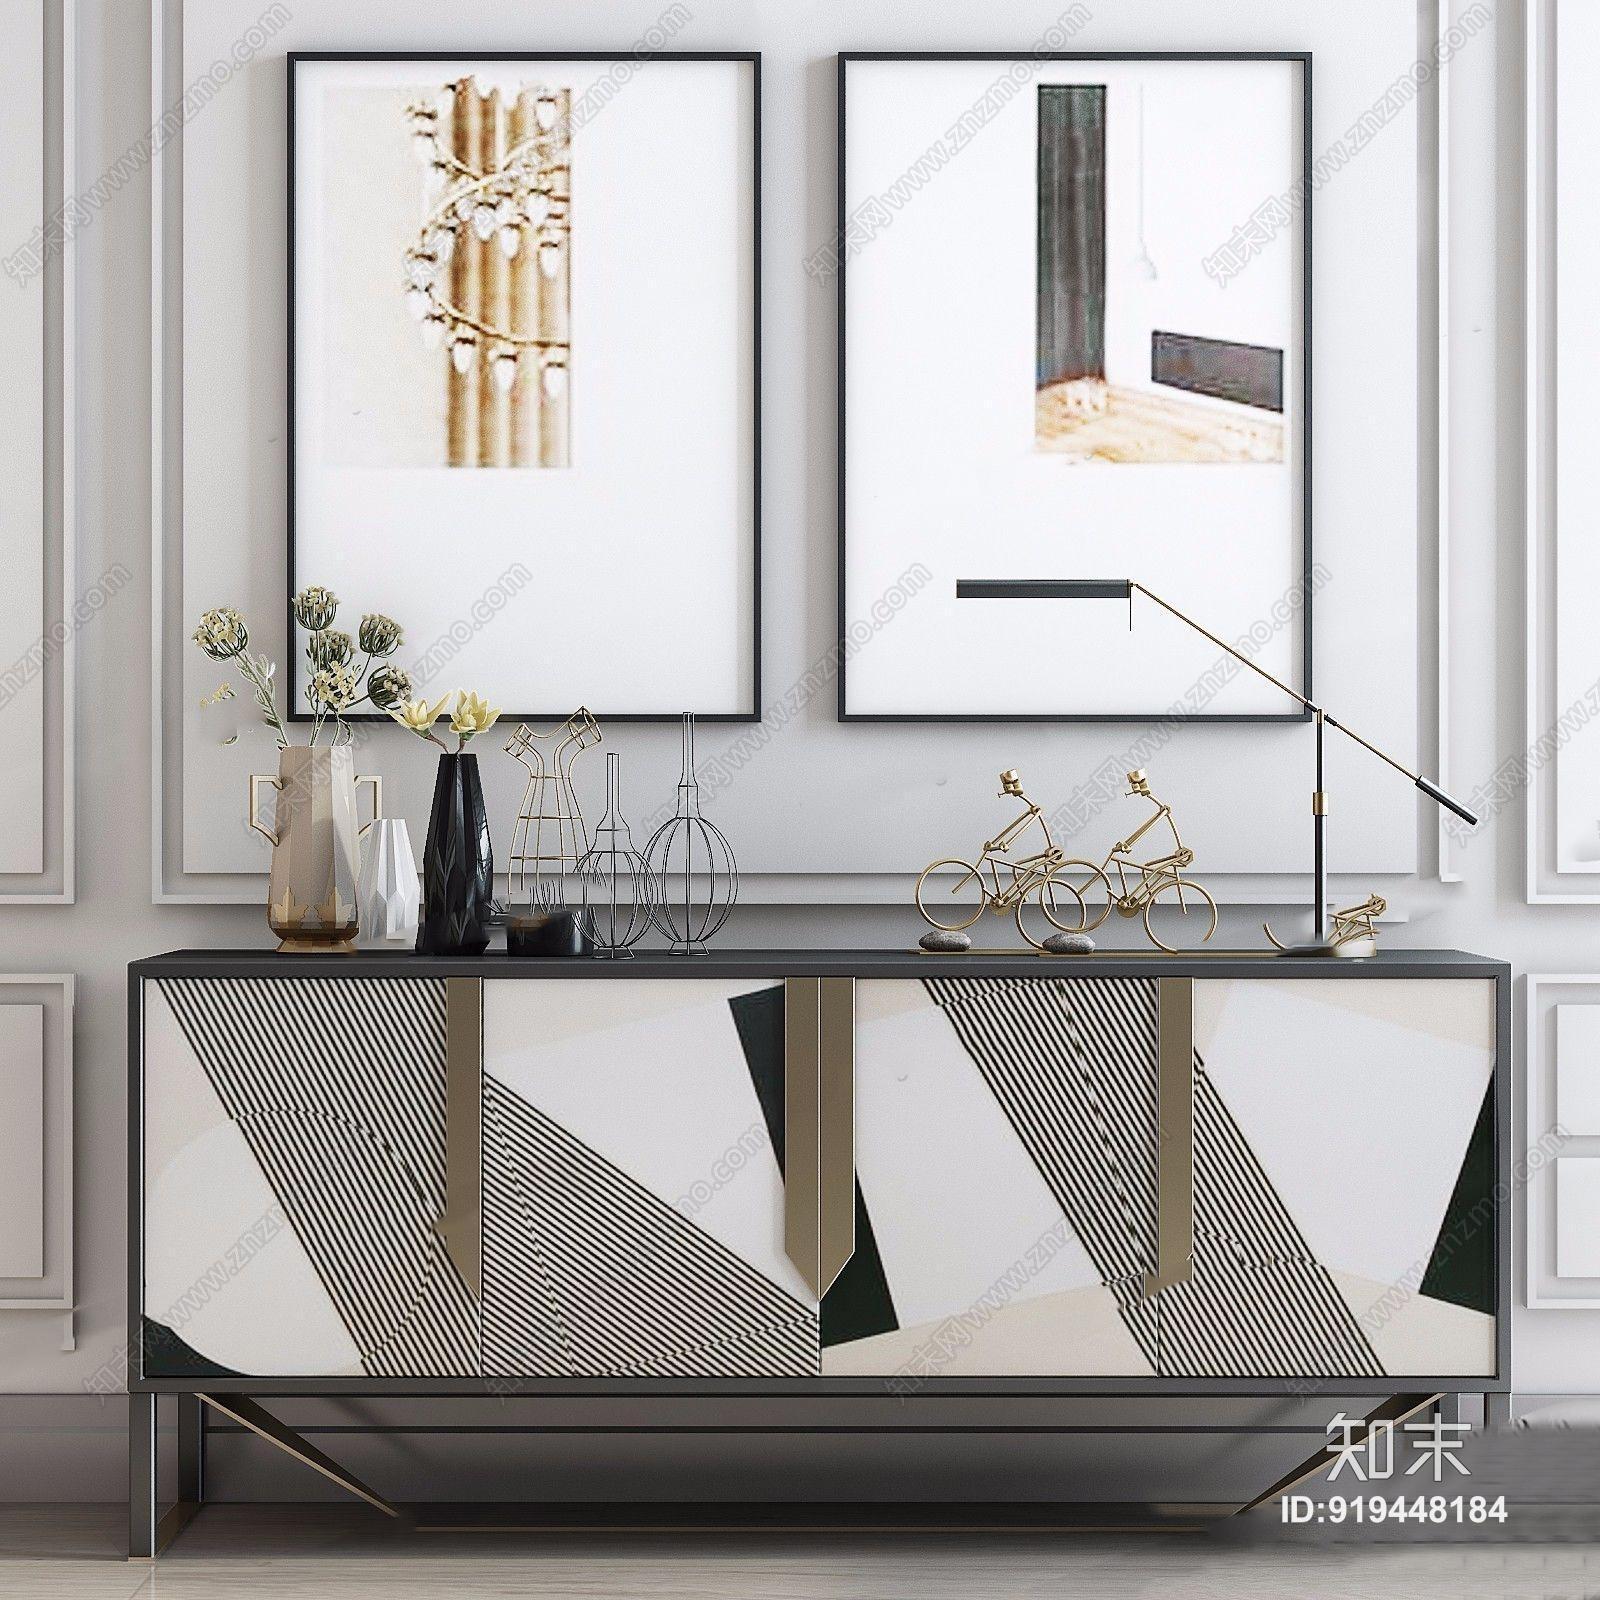 现代边柜台灯挂画 现代边柜/玄关柜 台灯 金属摆件 挂画 餐边柜